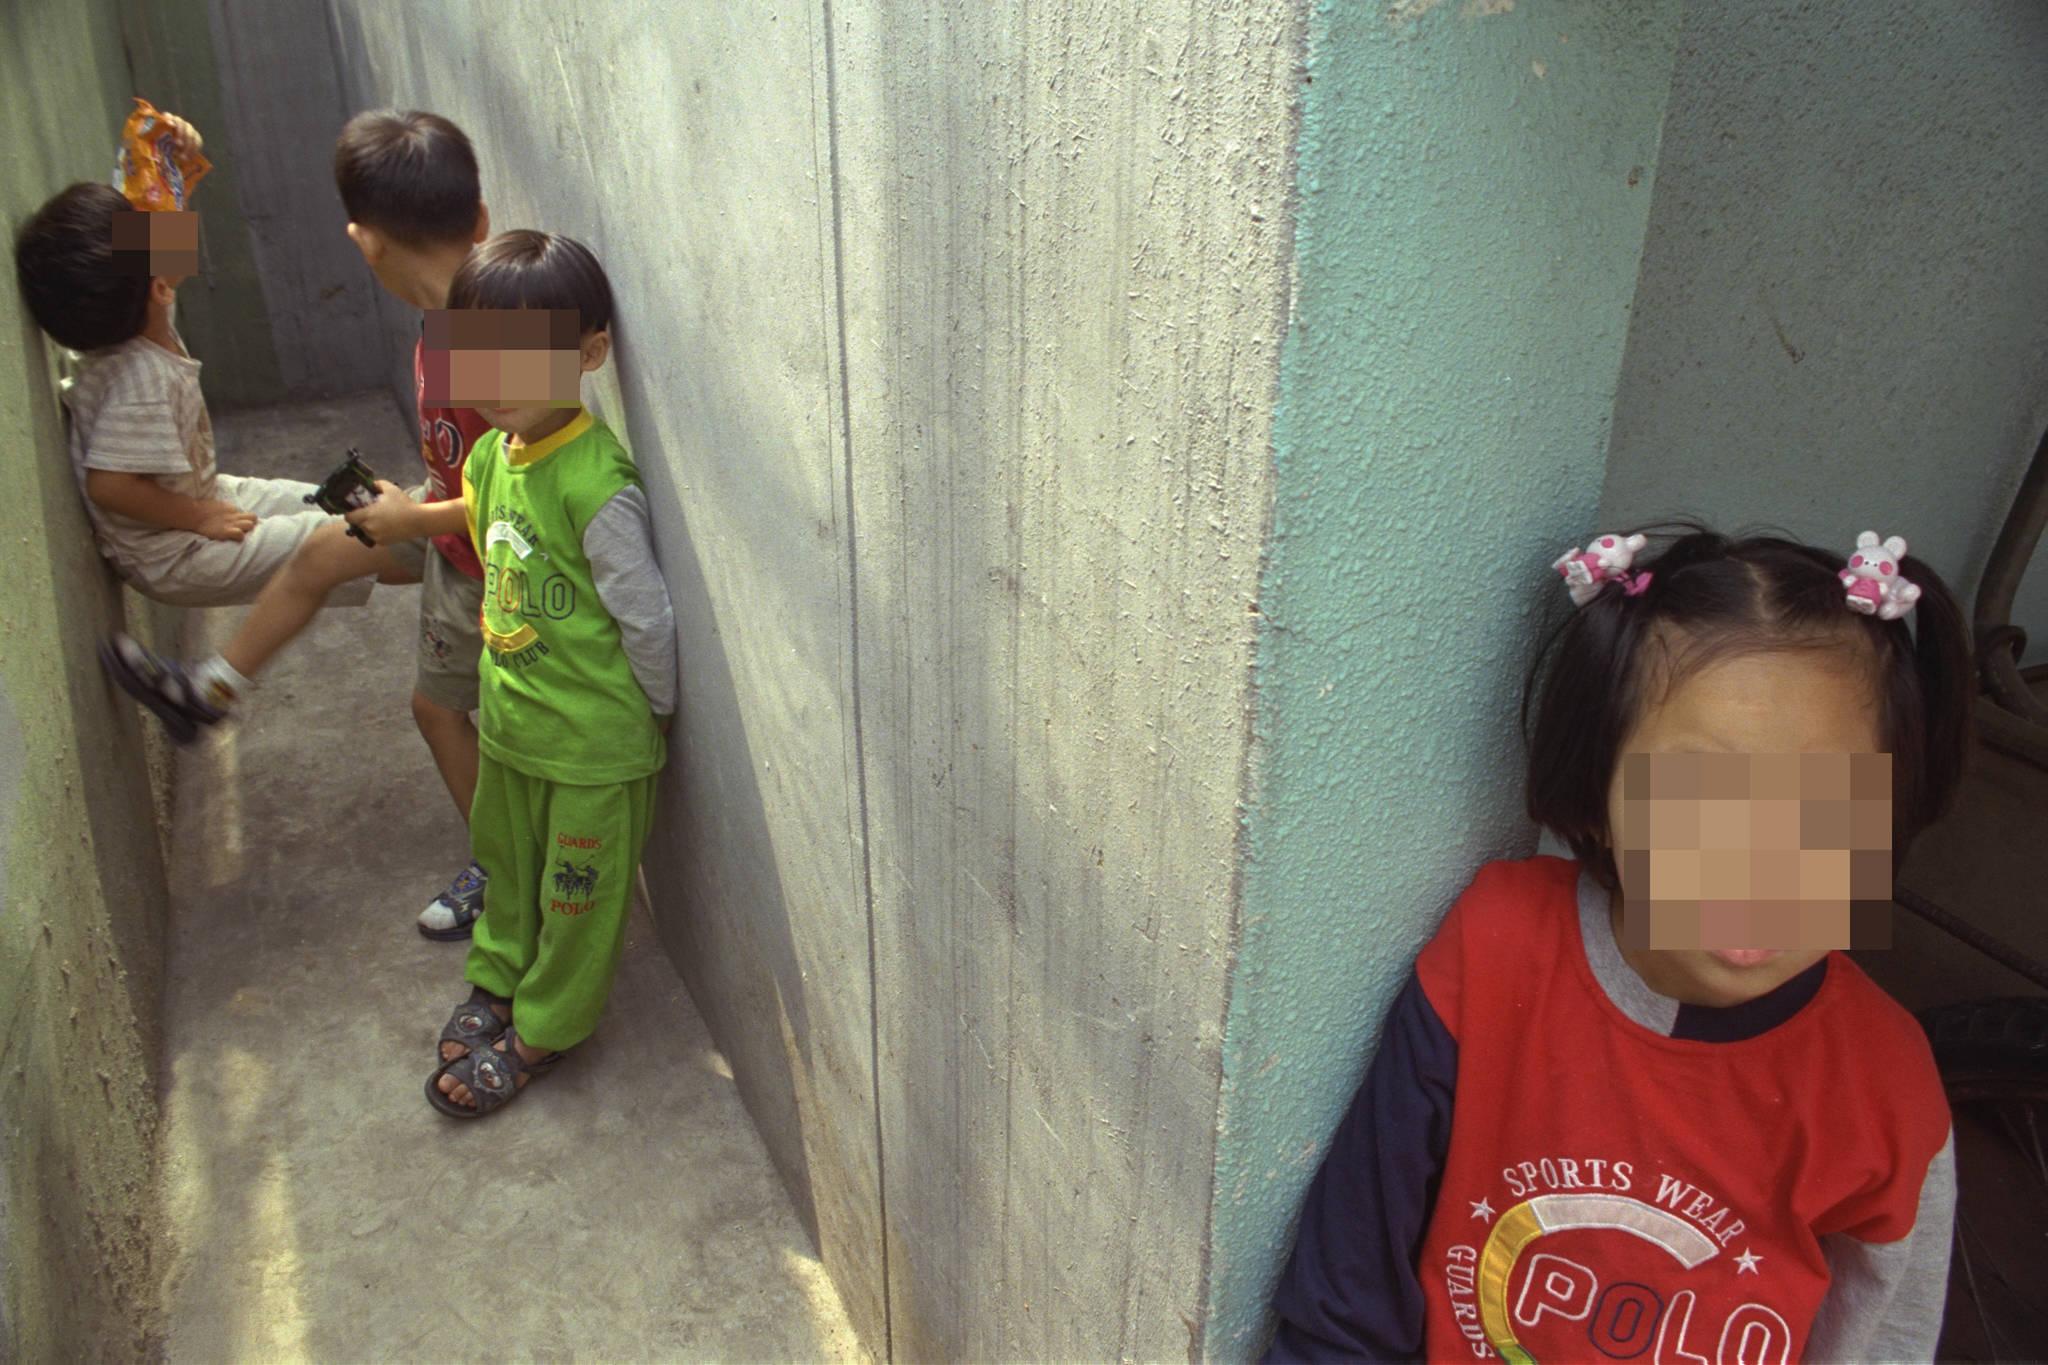 추석을 앞둔 1998년 9월 26일 서울후암동 '영락보린원' 아이들이 IMF영향으로 예년과 달리 아무도 찾아오는 사람이 없는 무료한 주말 오후를 보내고 있다.[중앙포토]